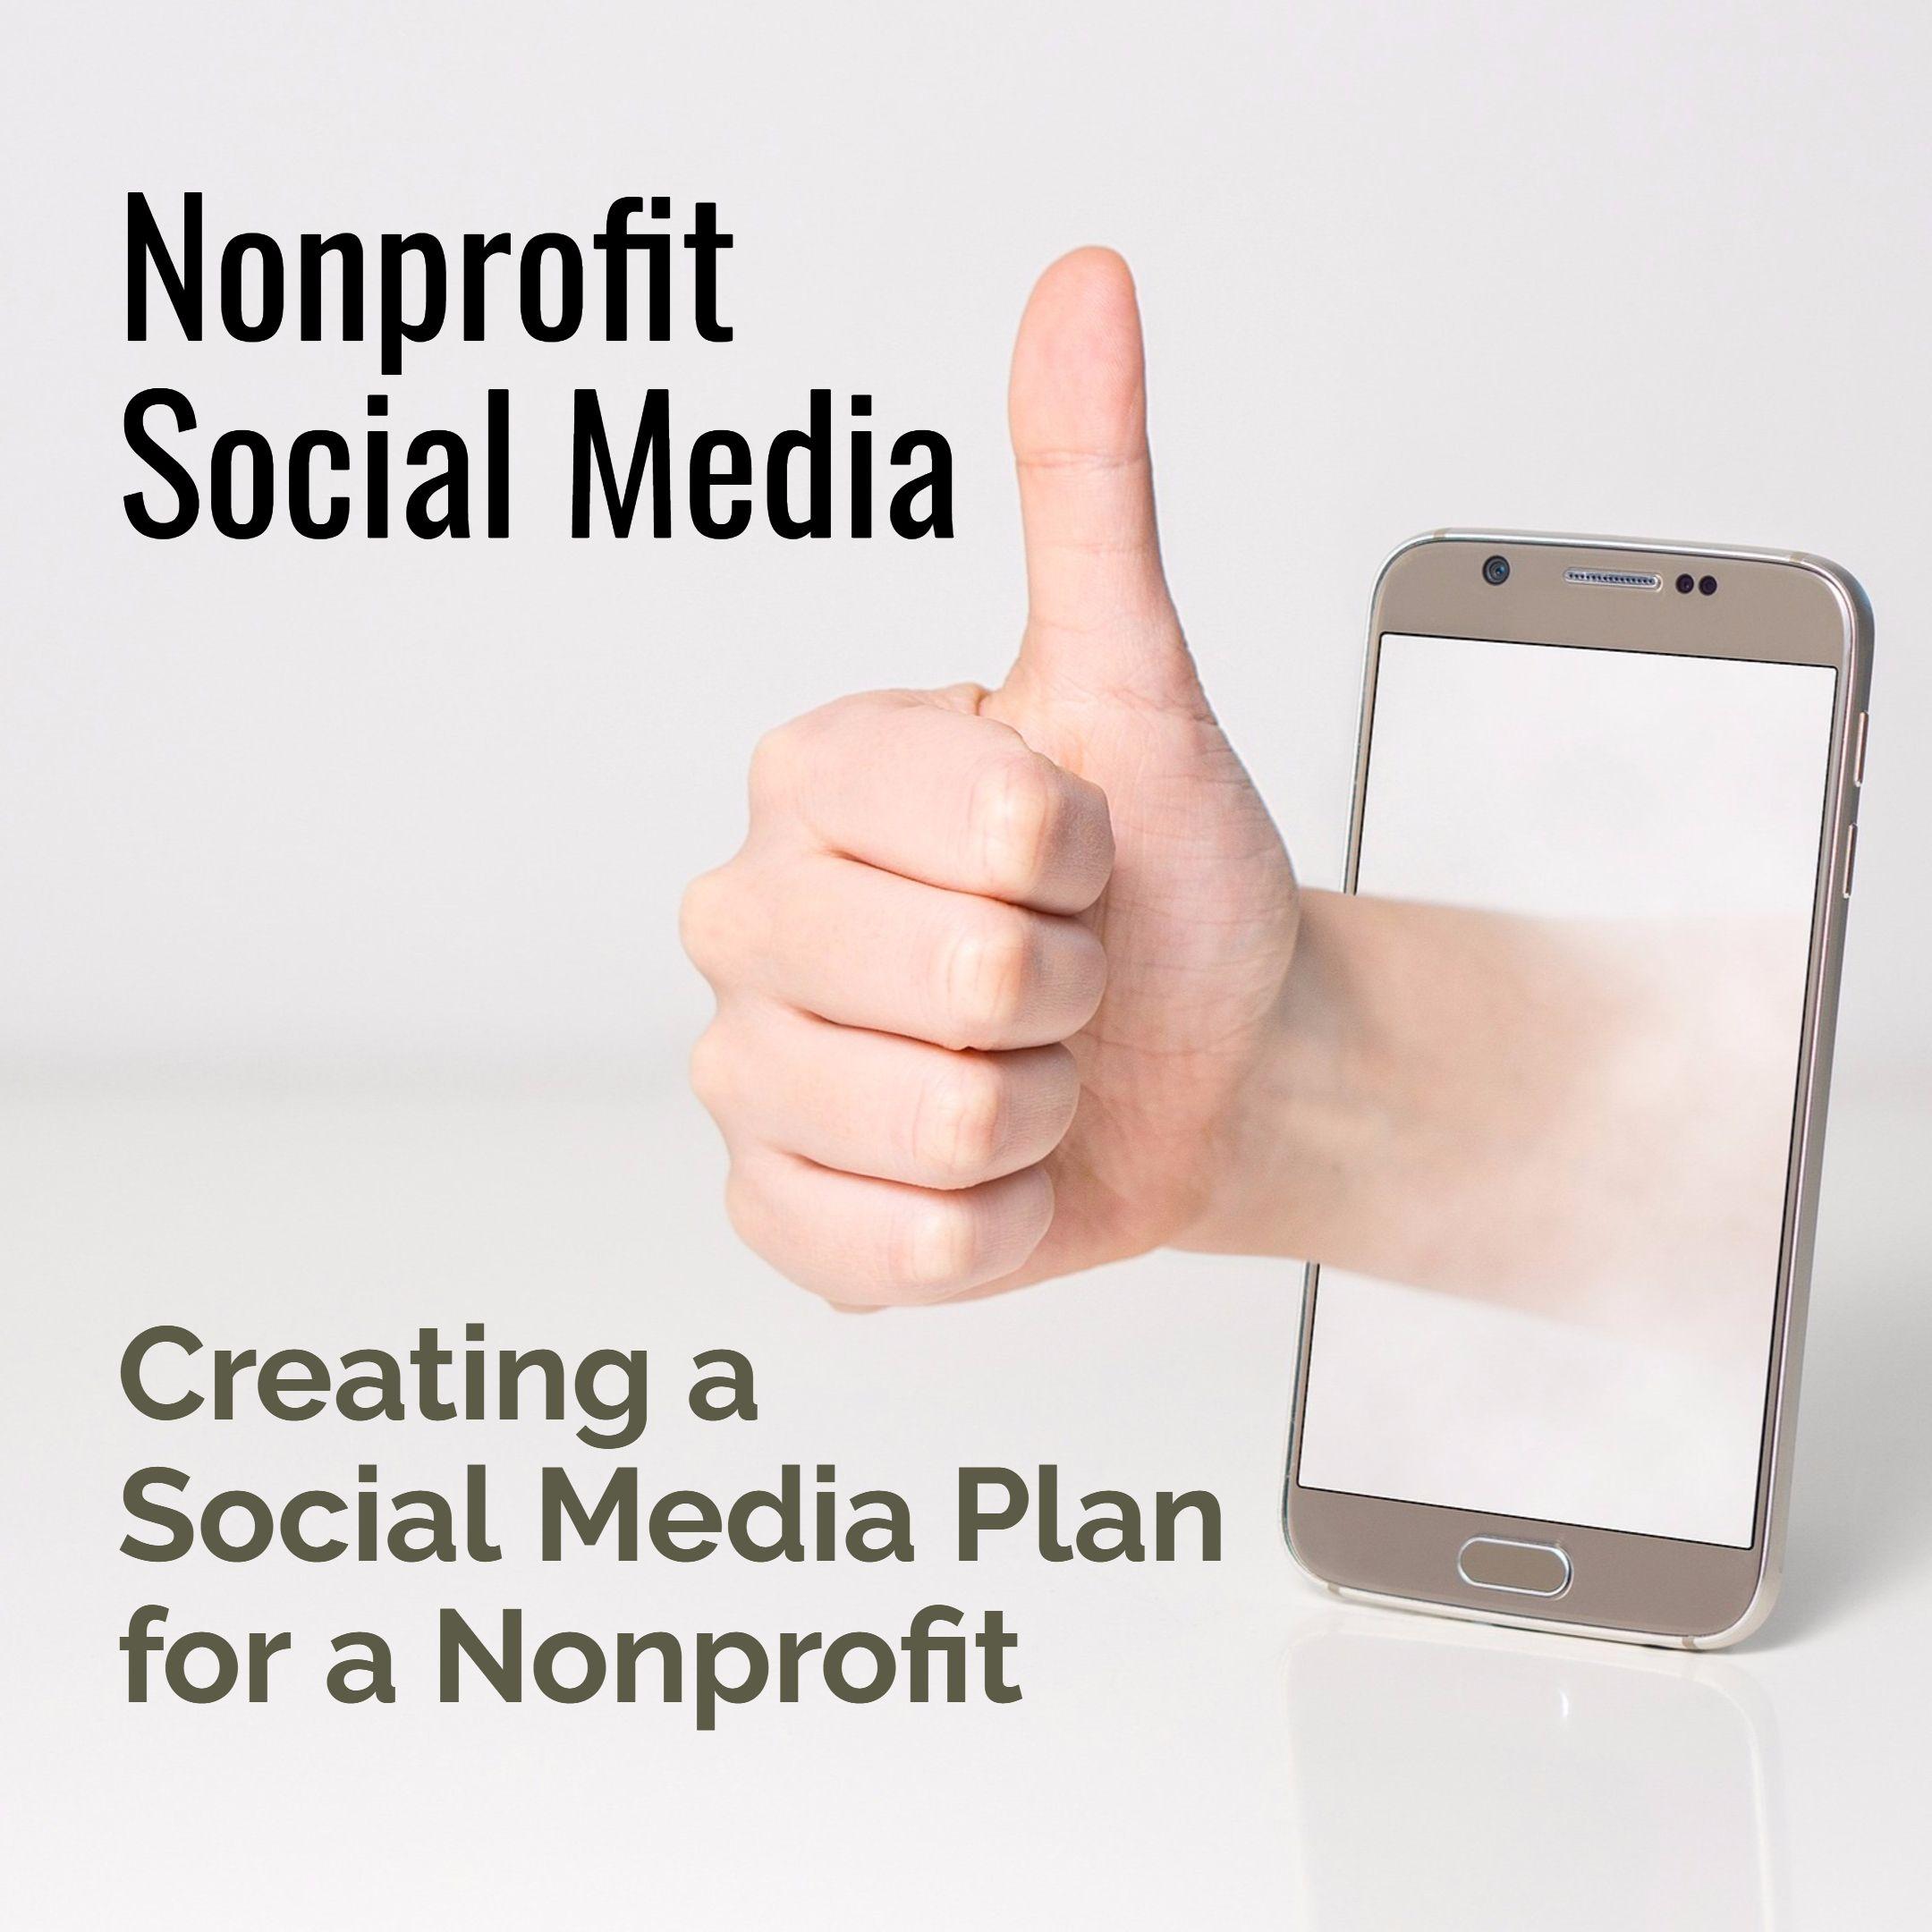 Nonprofit Social Media Campaign Tips